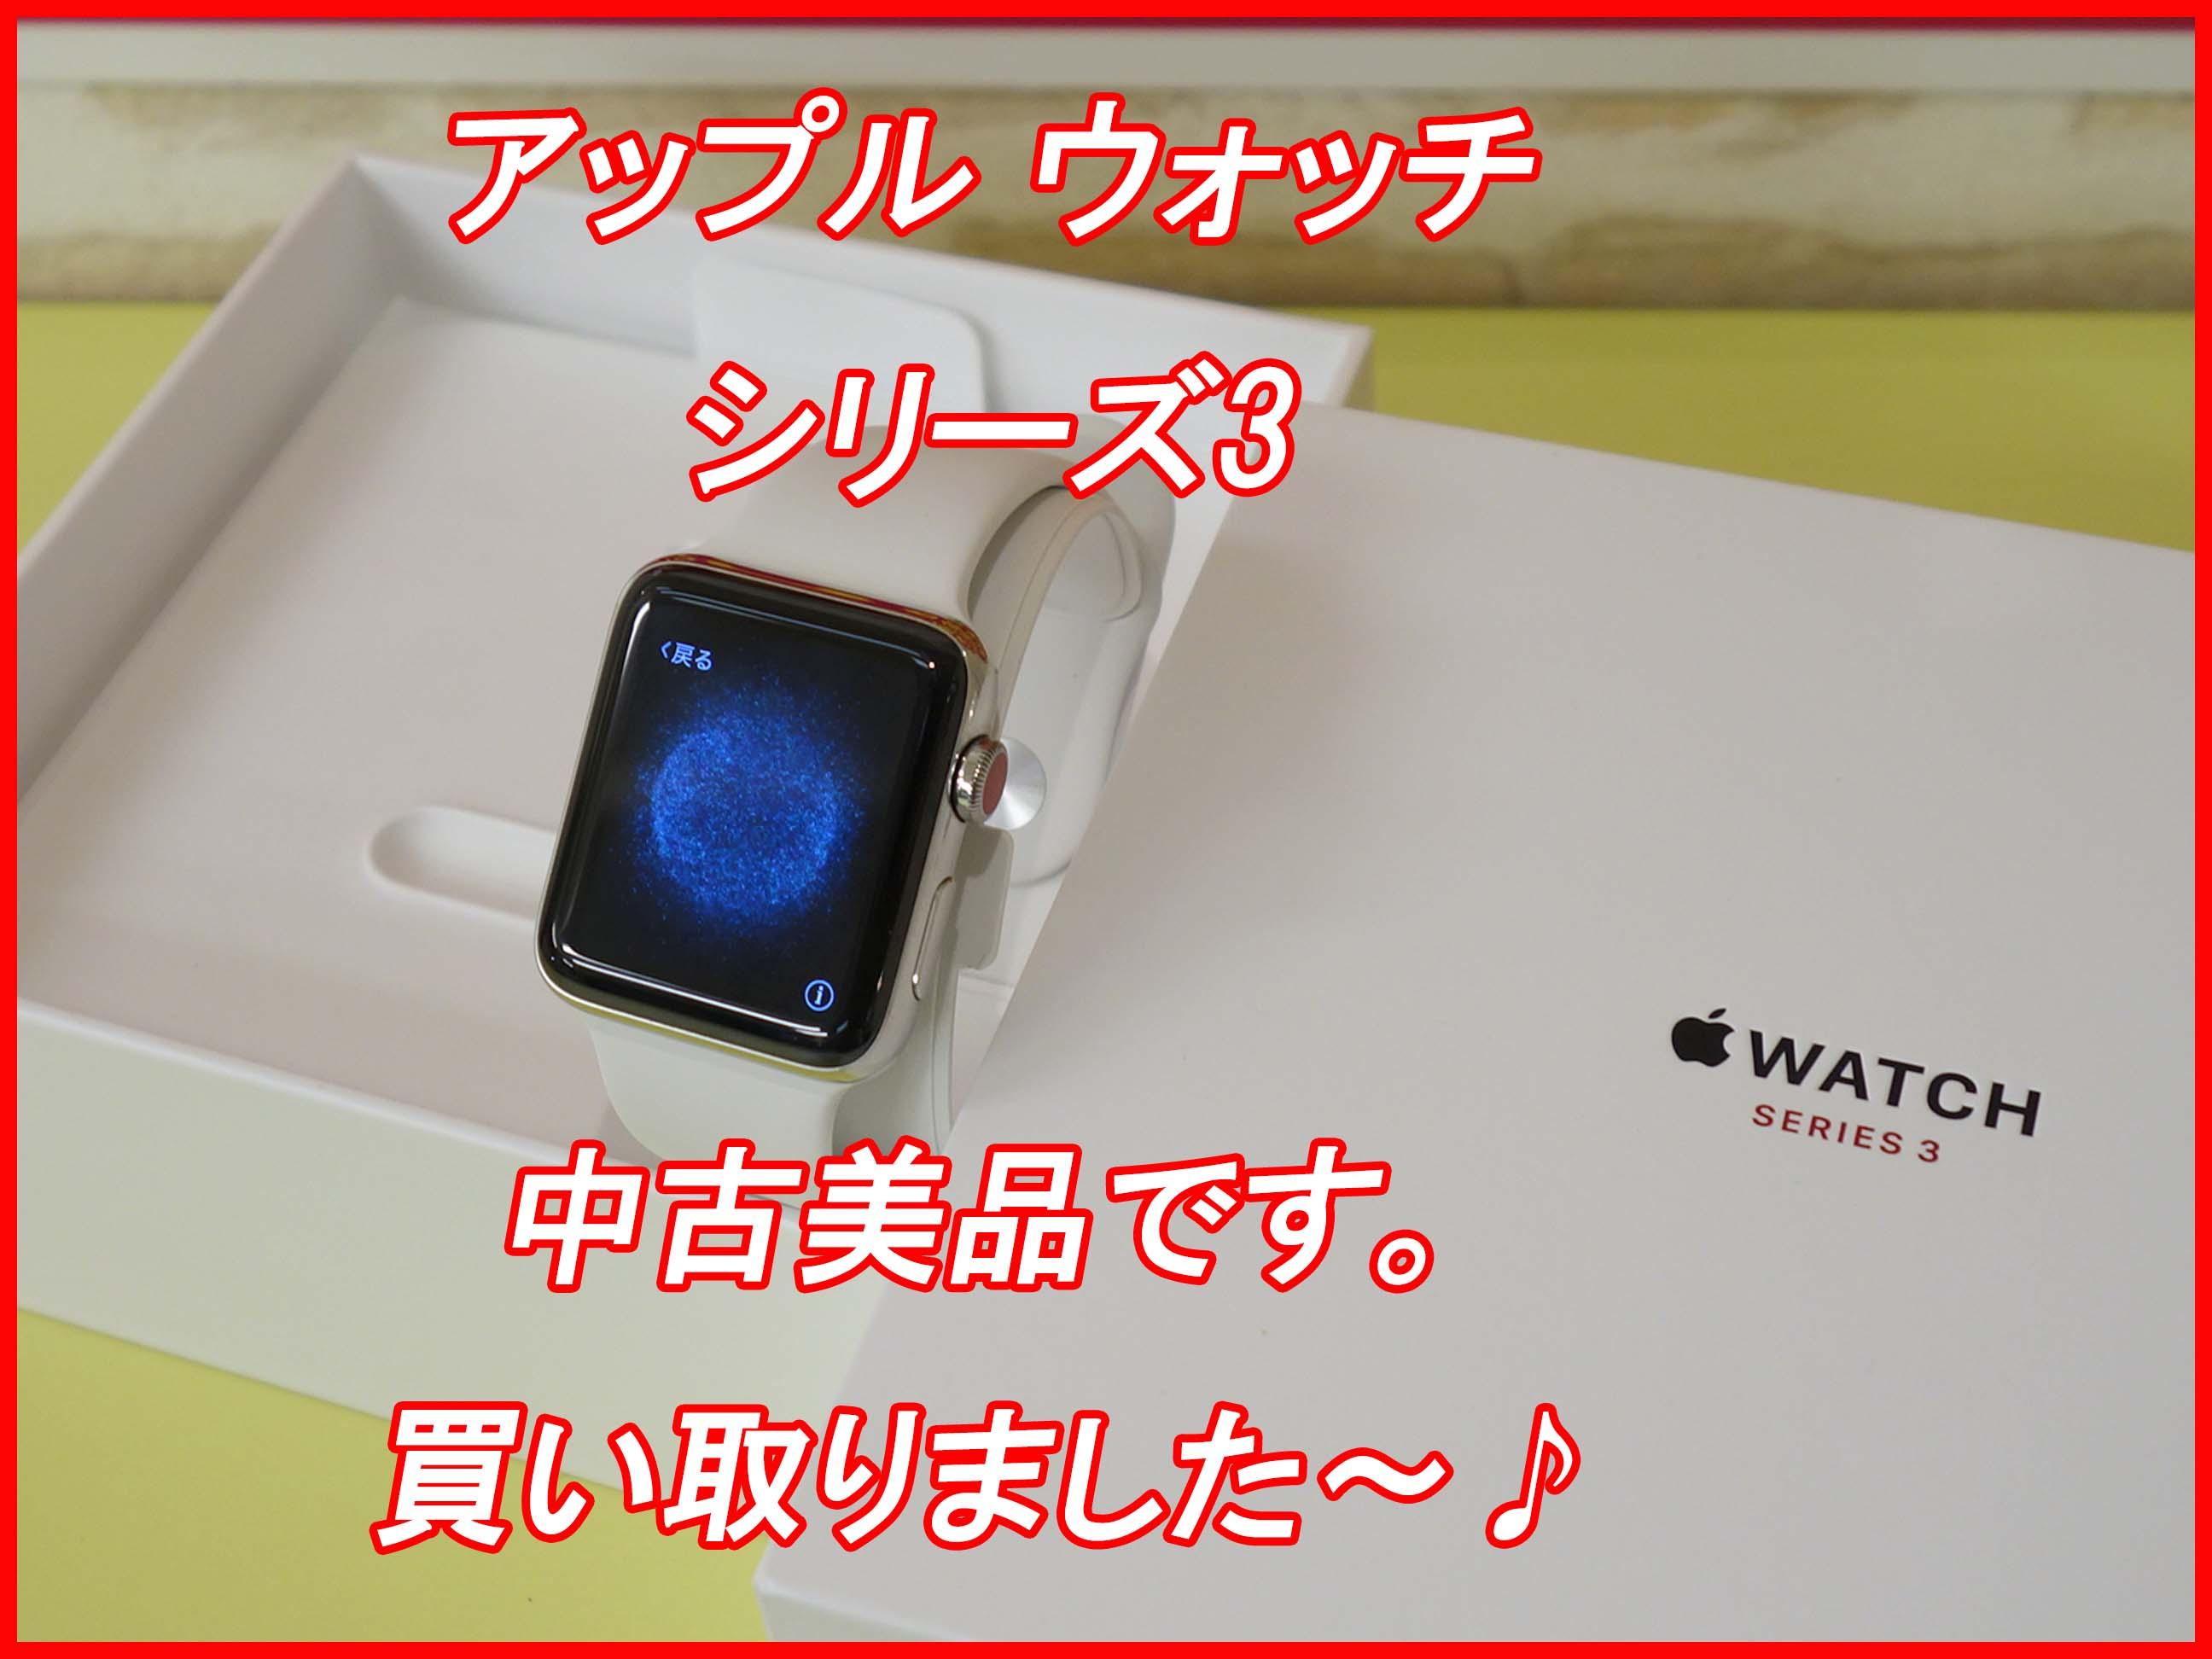 アップルウォッチの買取はクイック名古屋へ